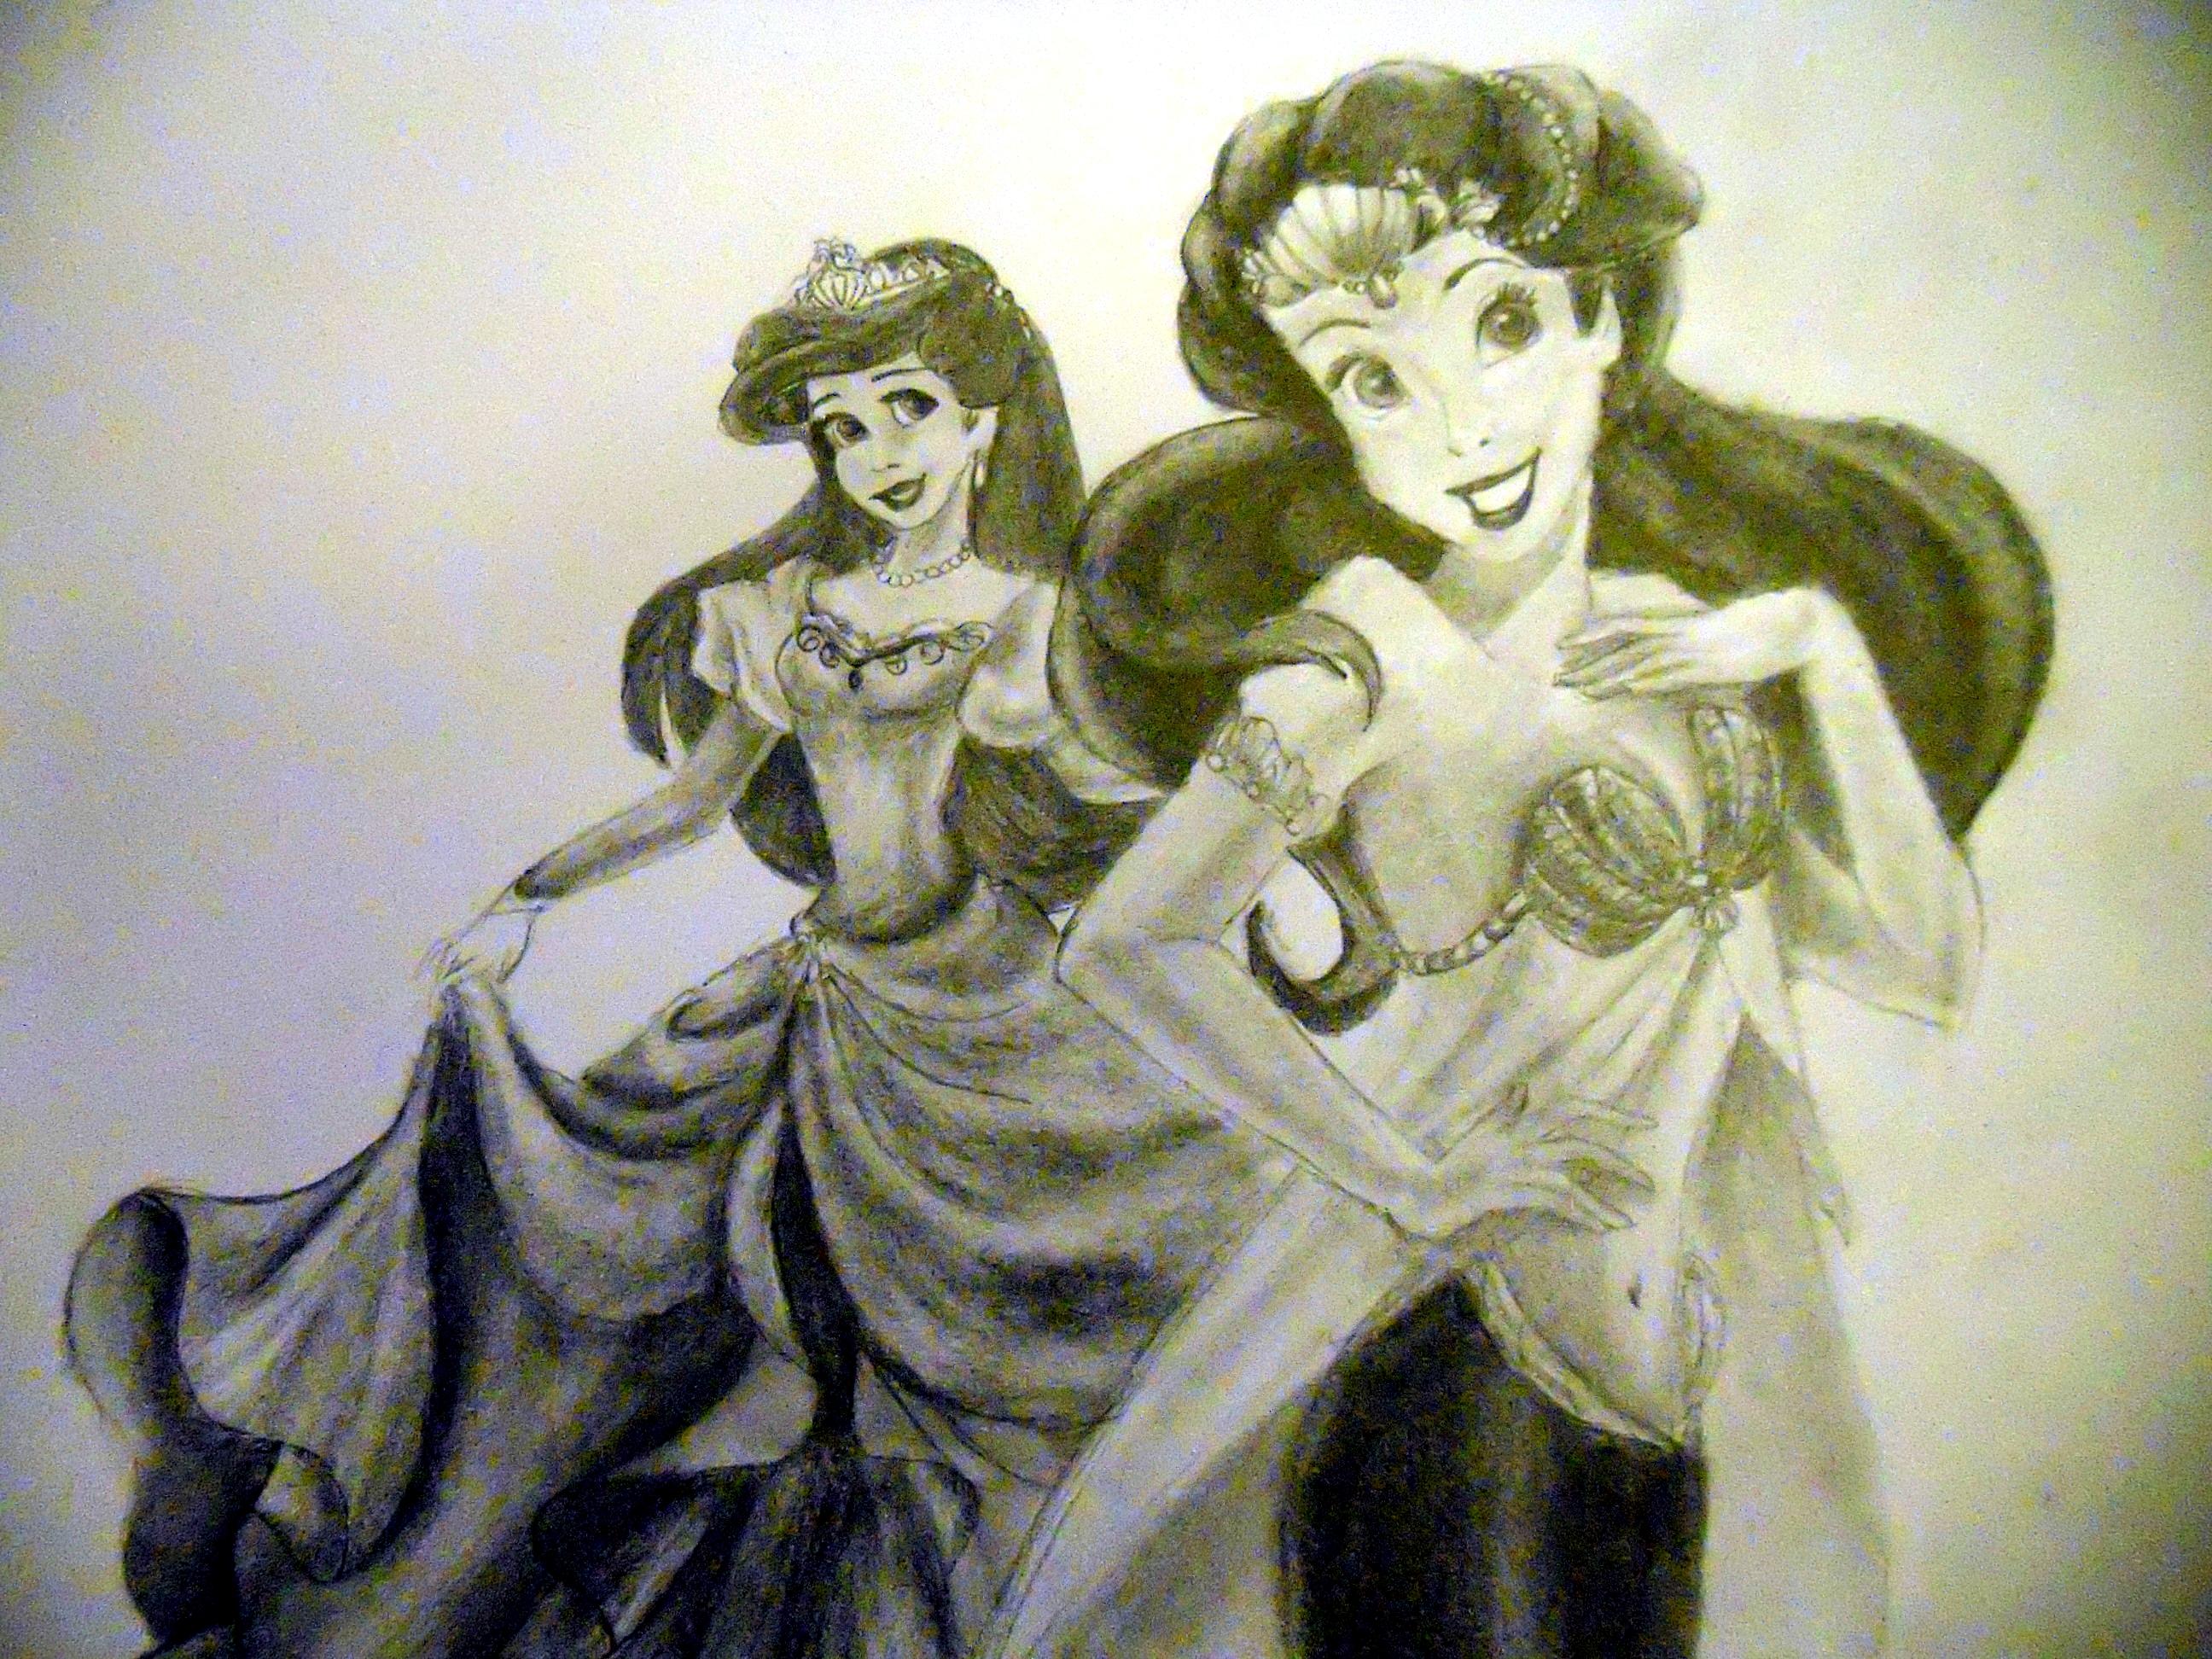 2592x1944 Disney Art